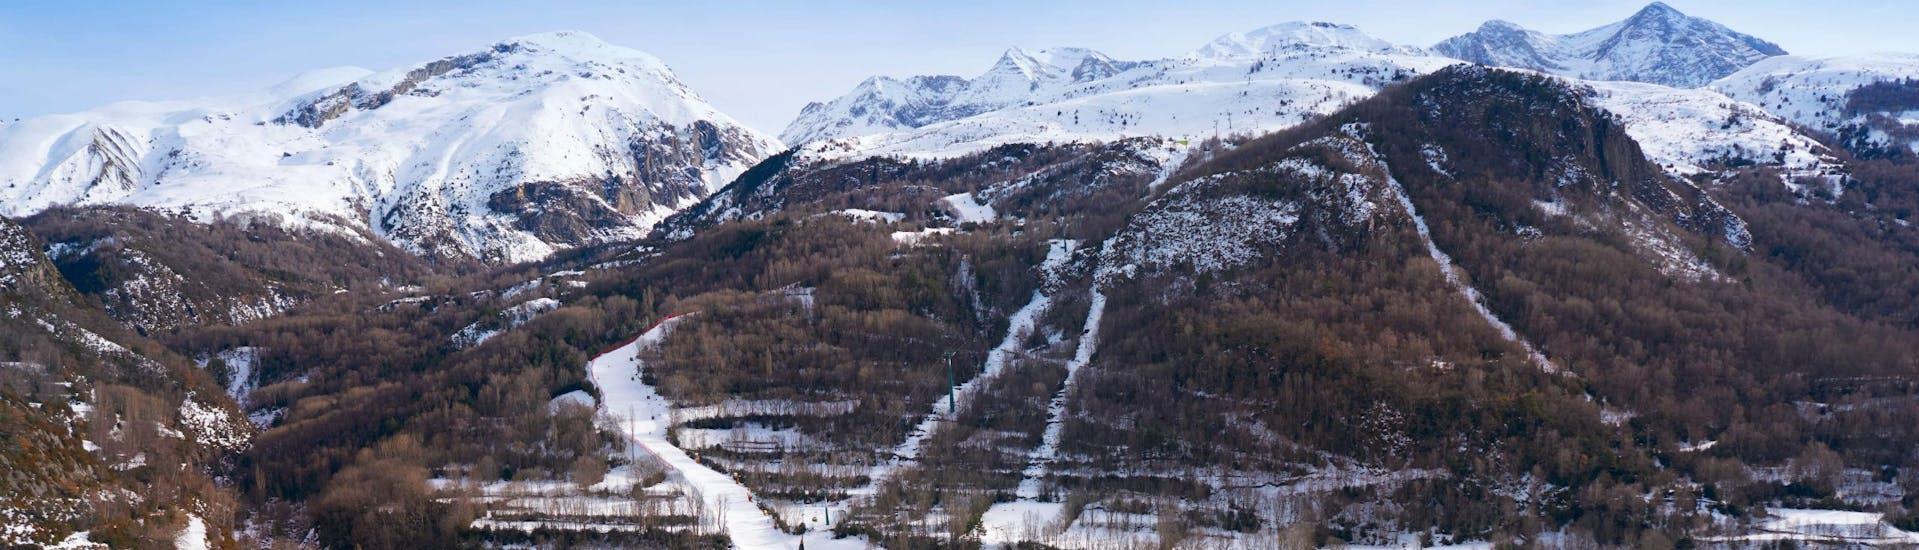 Una imagen del pueblo español de Panticosa, donde las escuelas de esquí locales ofrecen clases de esquí para los principiantes que quieren aprender a esquiar.